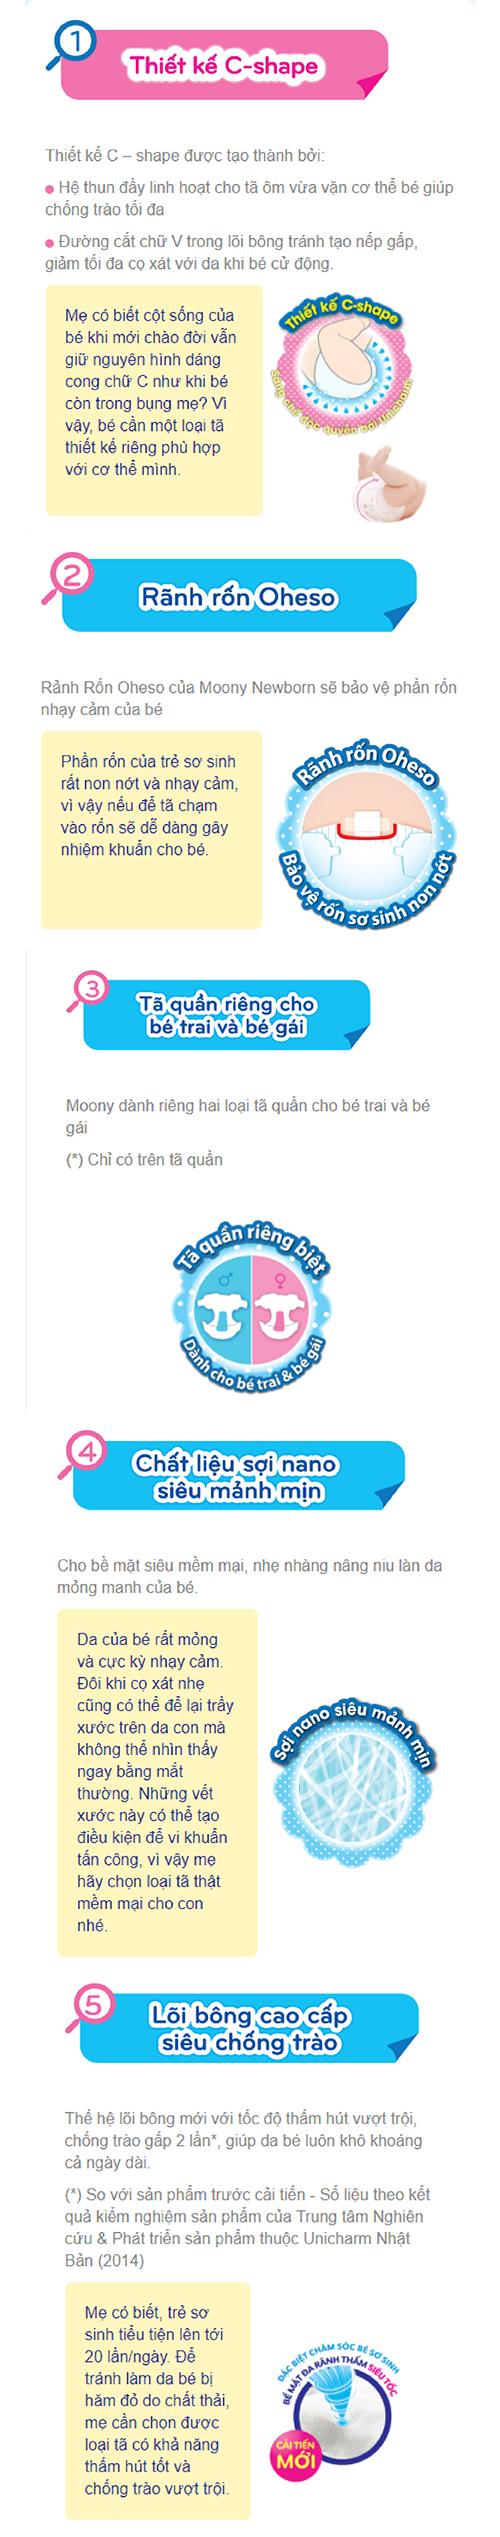 0020010000152 Ta dan Moony-04